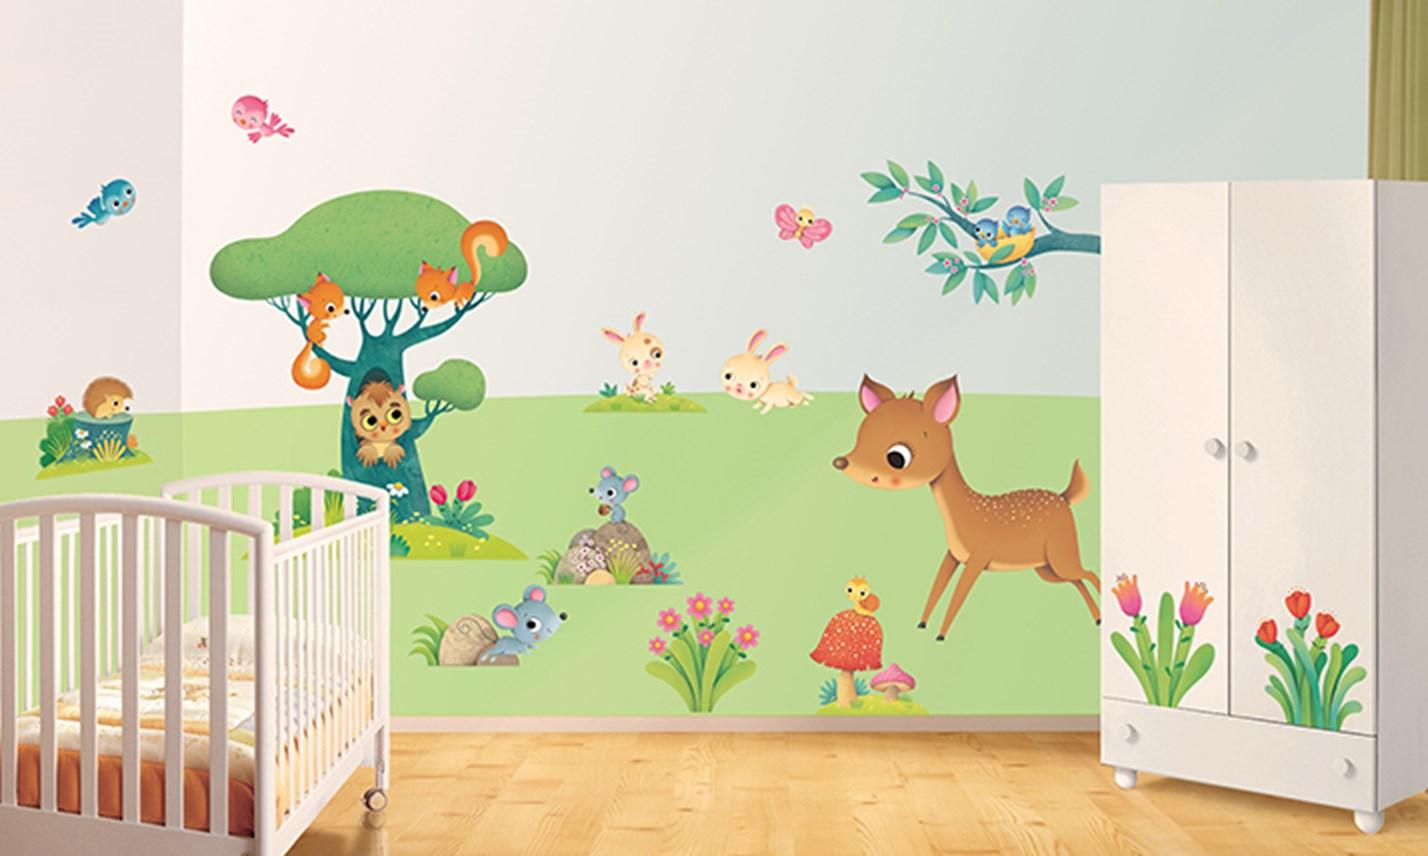 Stickers murali bambini cameretta gli amici della foresta leostickers - Camerette bambini neonati ...